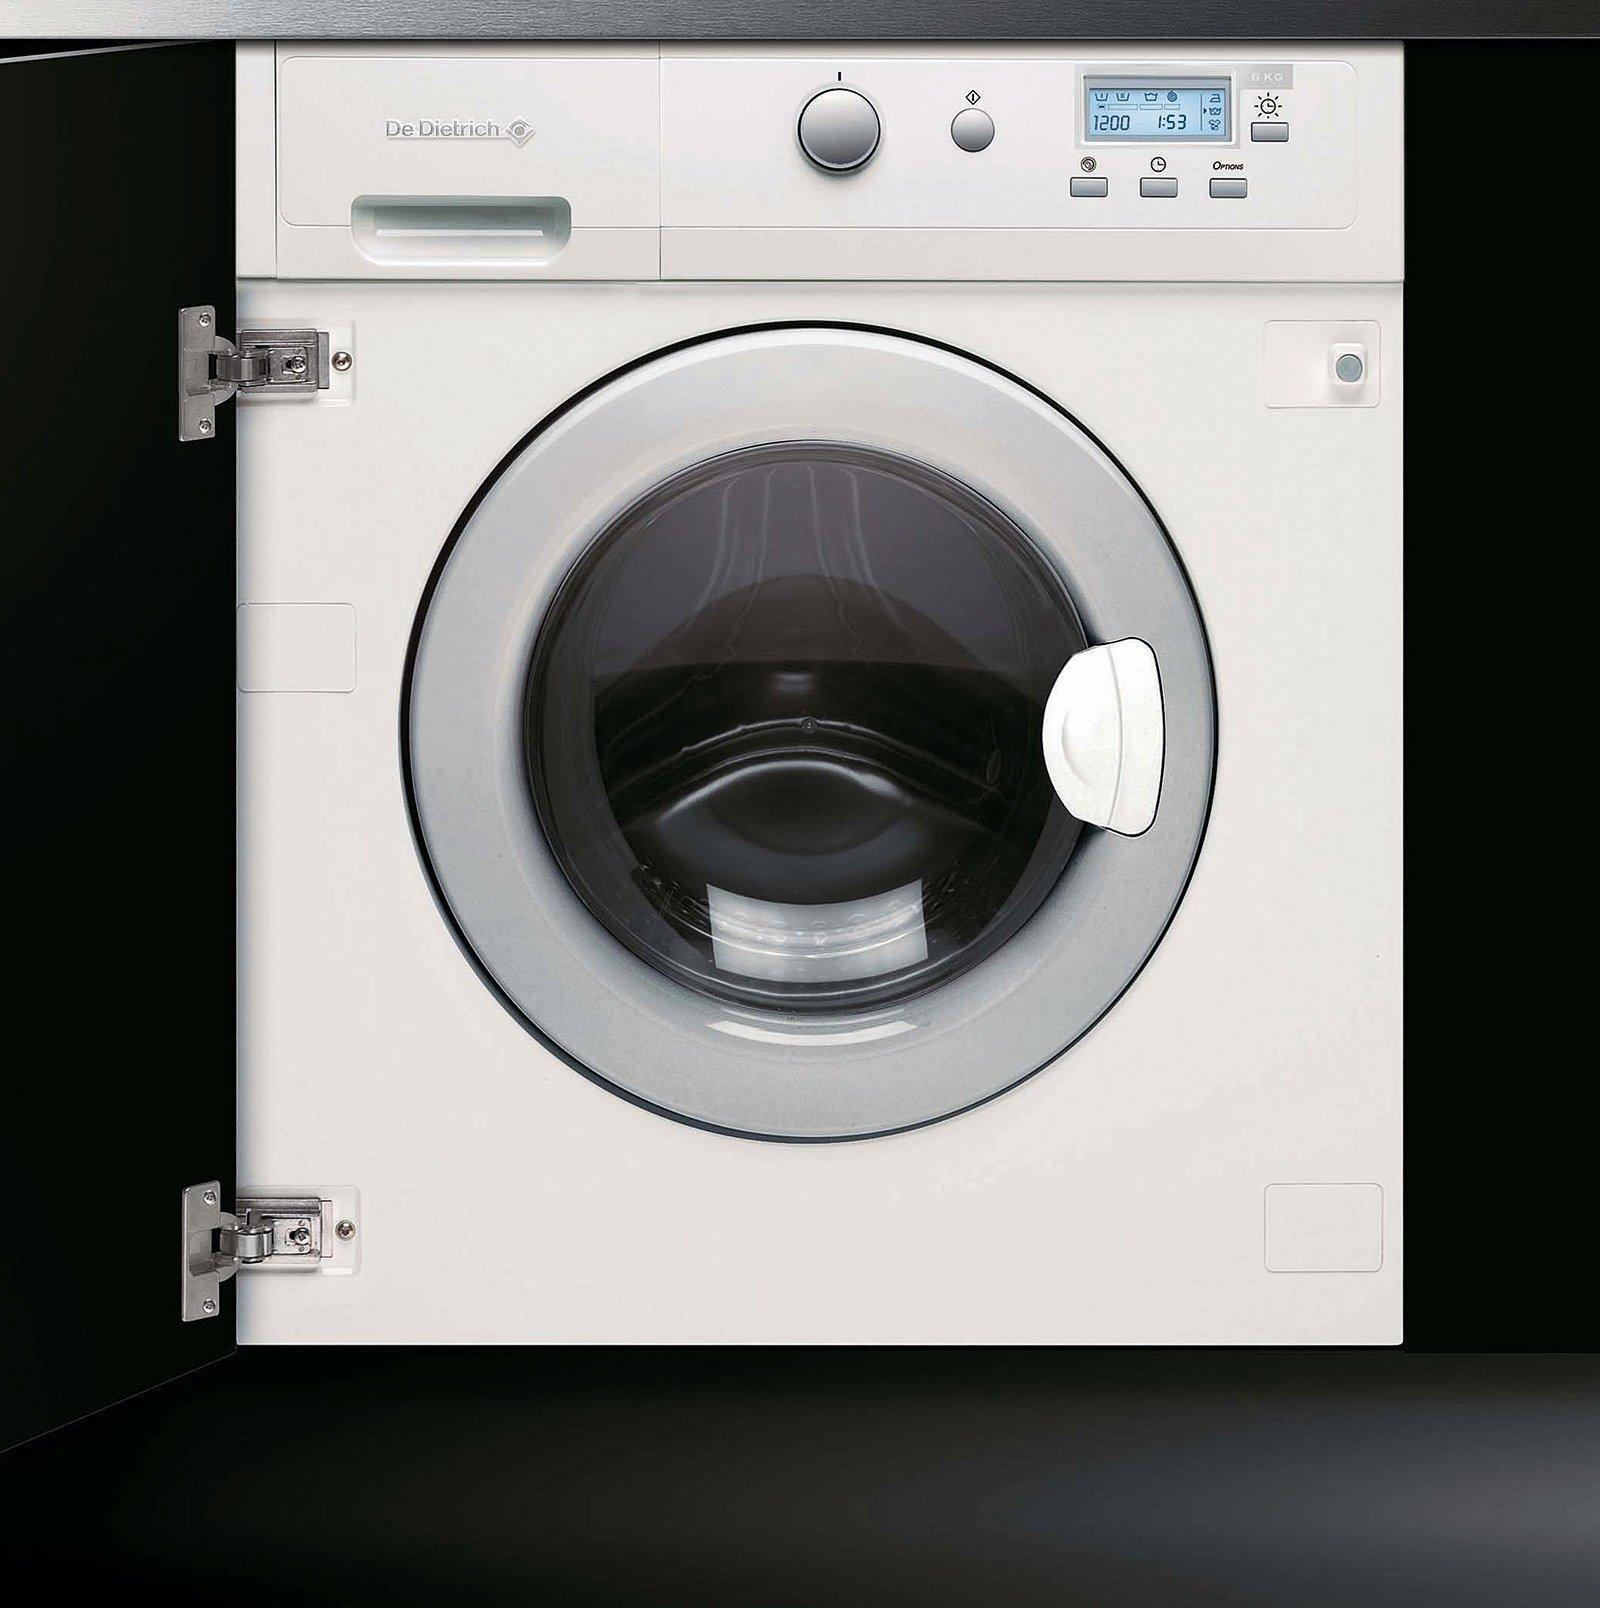 Lavatrice e lavasciuga salvaspazio cose di casa for Lavatrice 3 kg